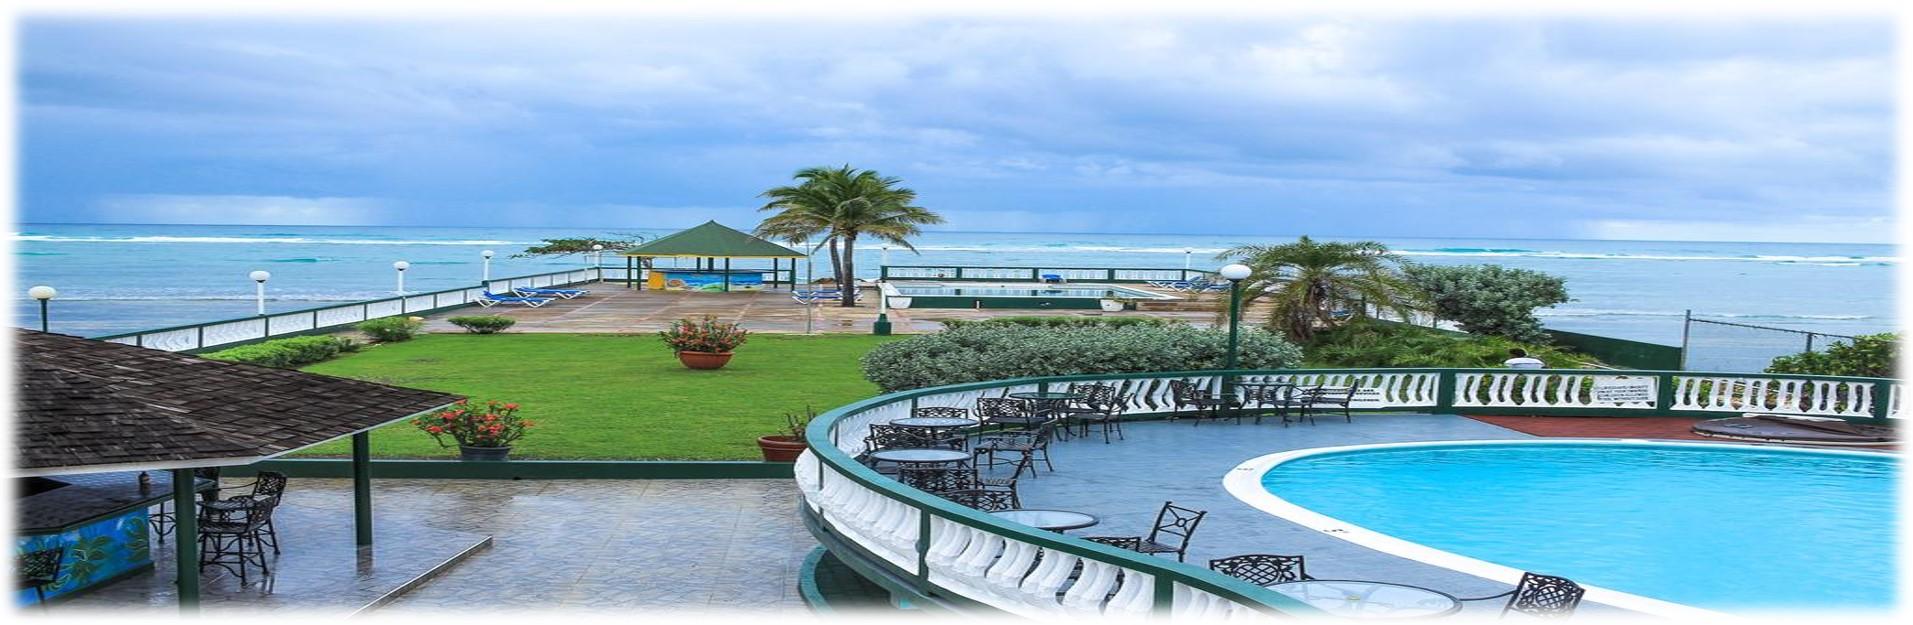 Peral Cove Hotel